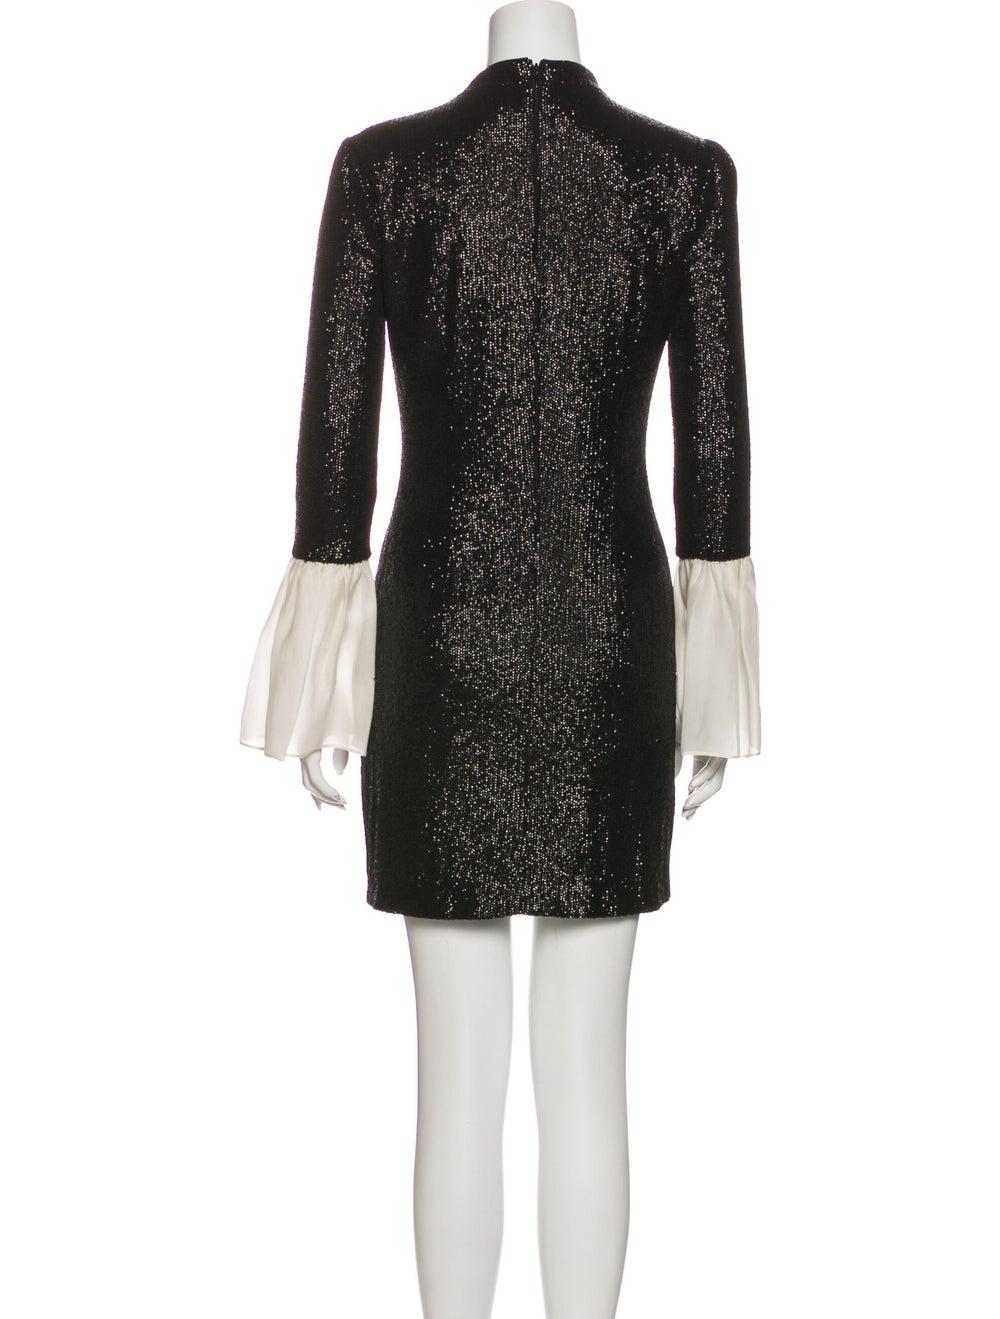 Rachel Zoe Crew Neck Mini Dress Black - image 3